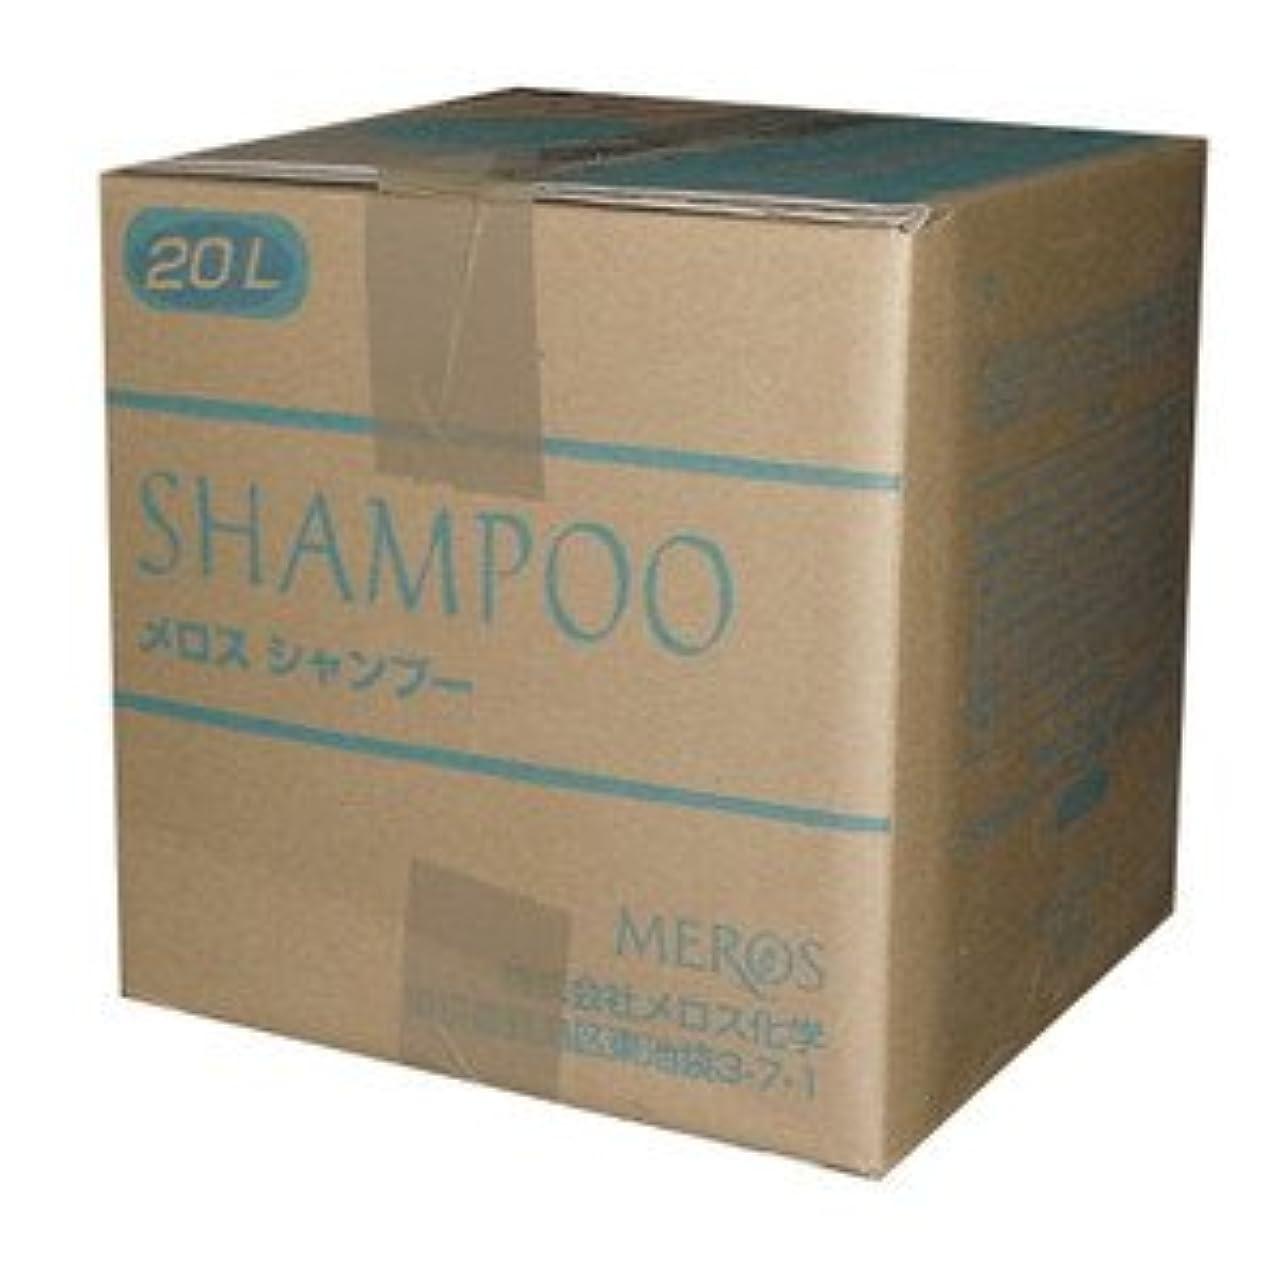 照らす成熟苛性メロス シャンプー 業務用 20L / 詰め替え (メロス化学)業務用シャンプー